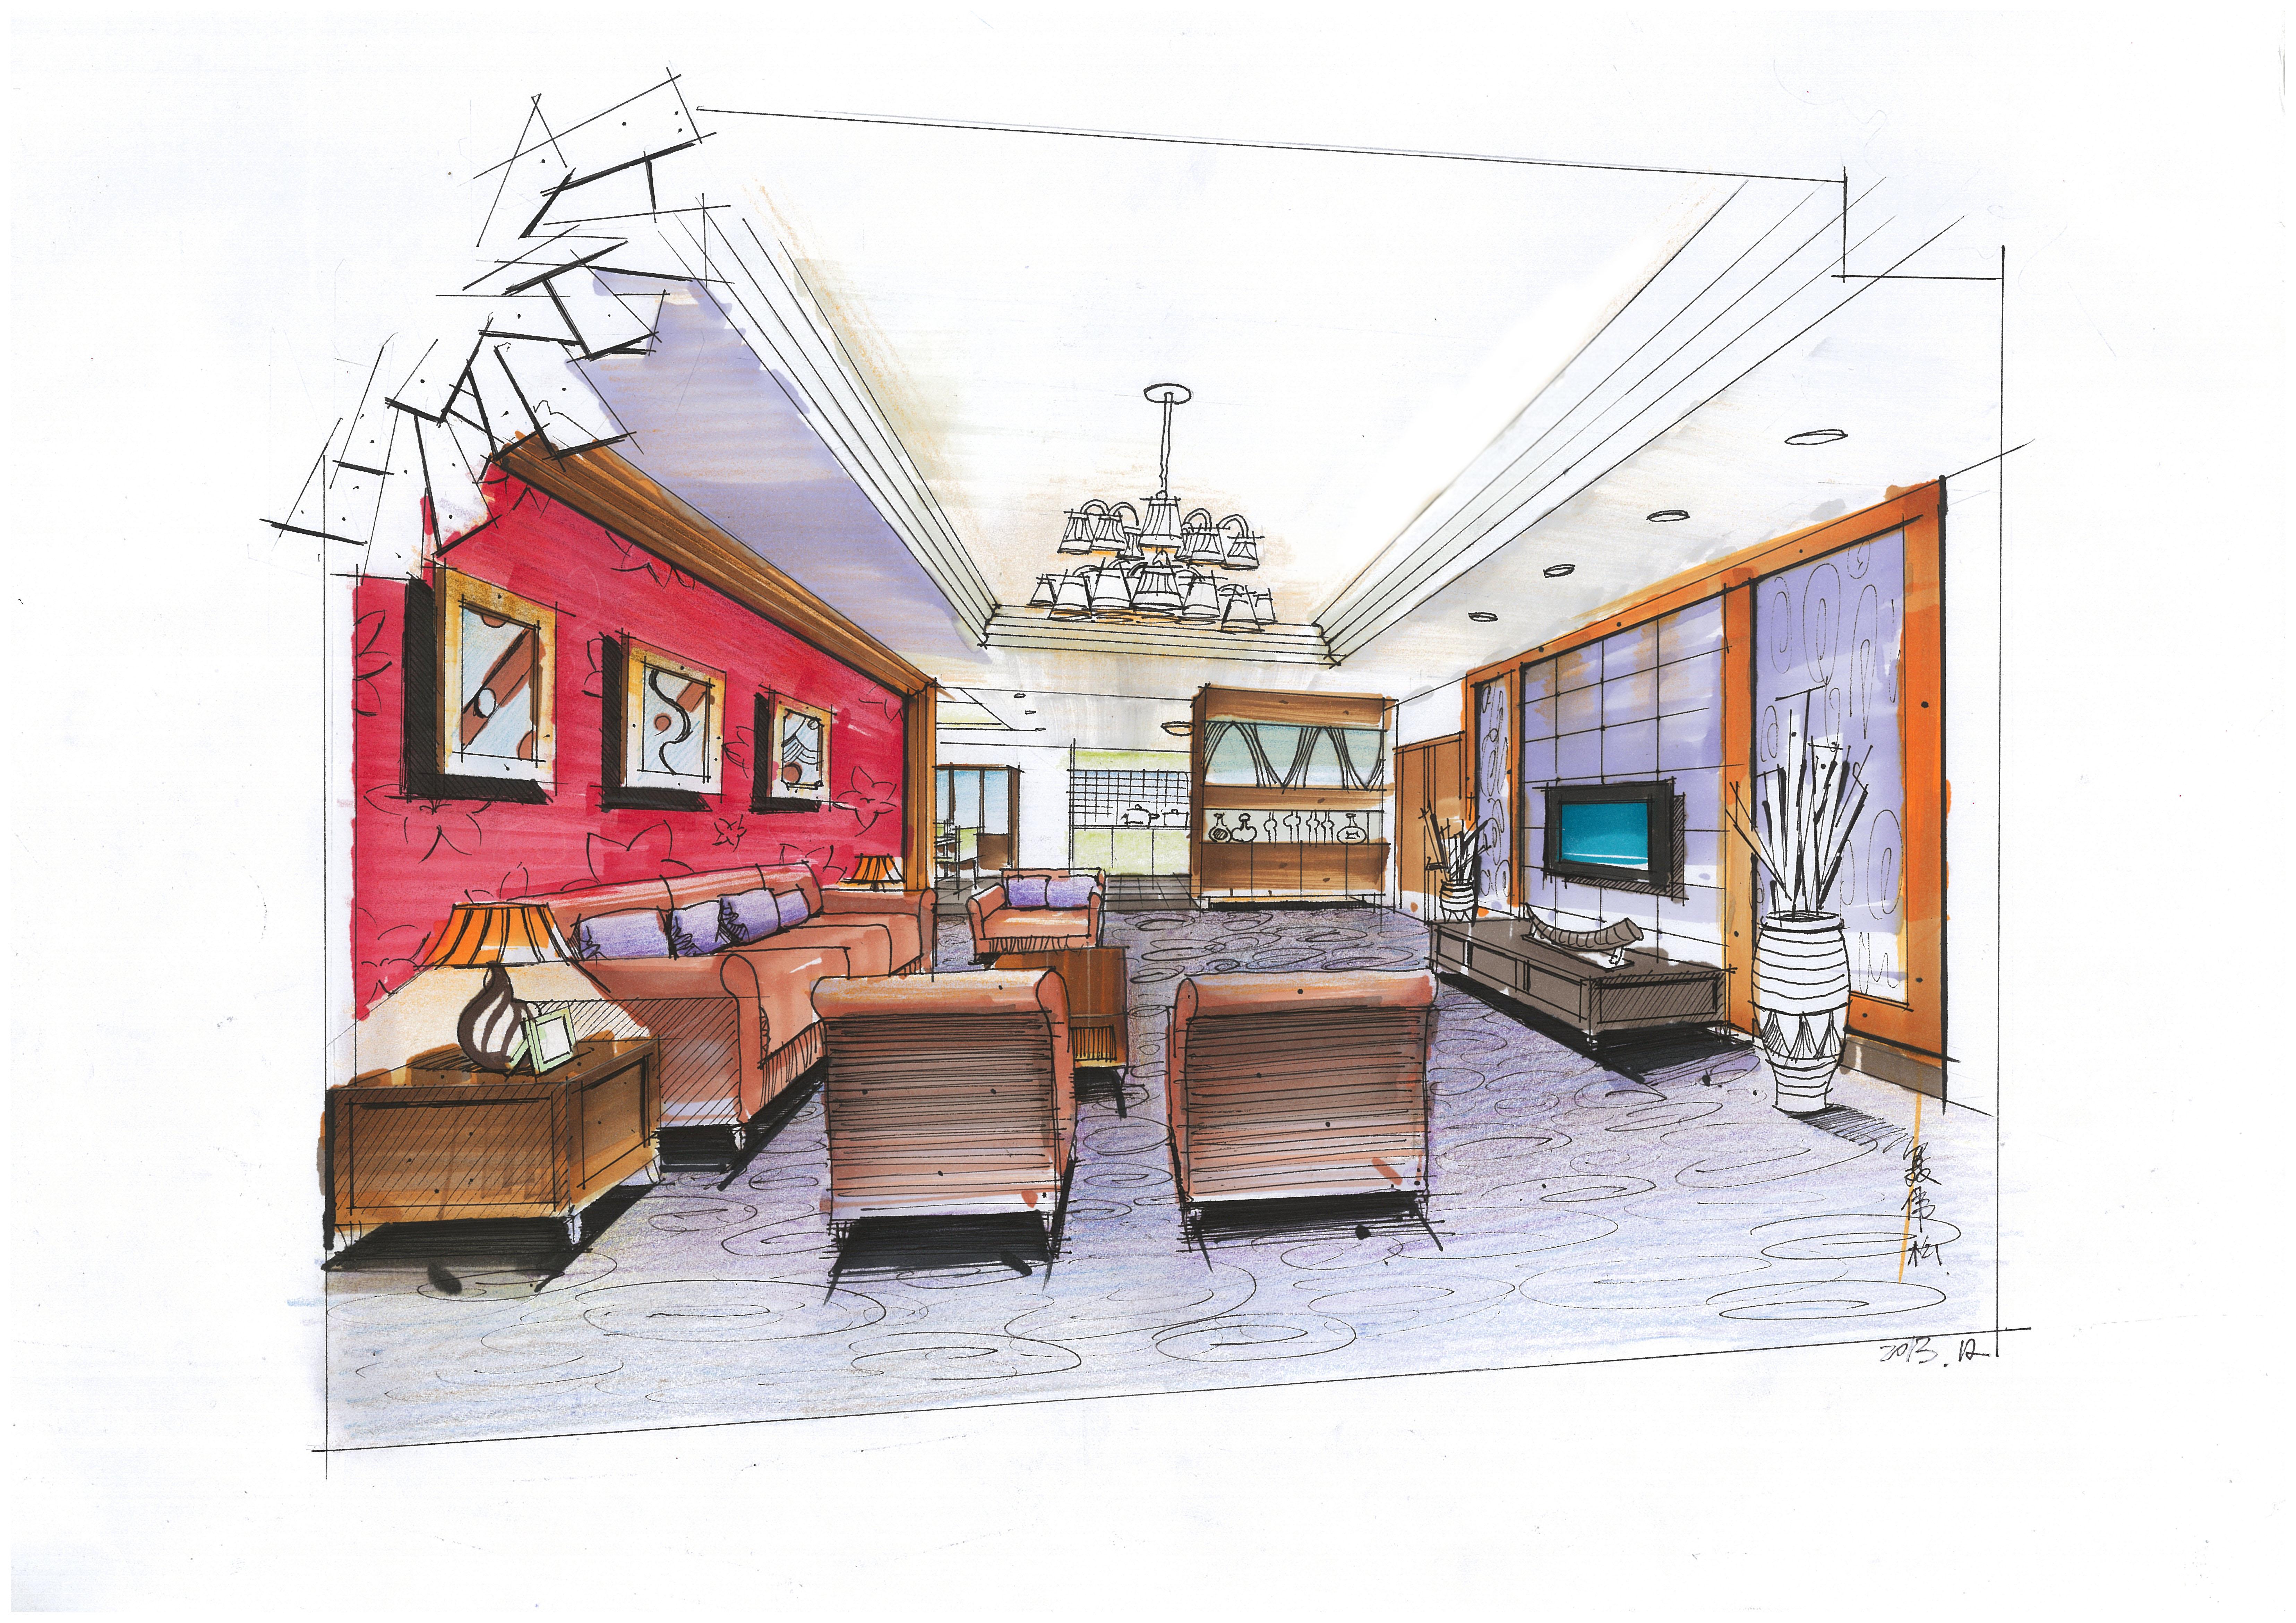 室内手绘|空间|室内设计|perseveredream - 原创作品图片